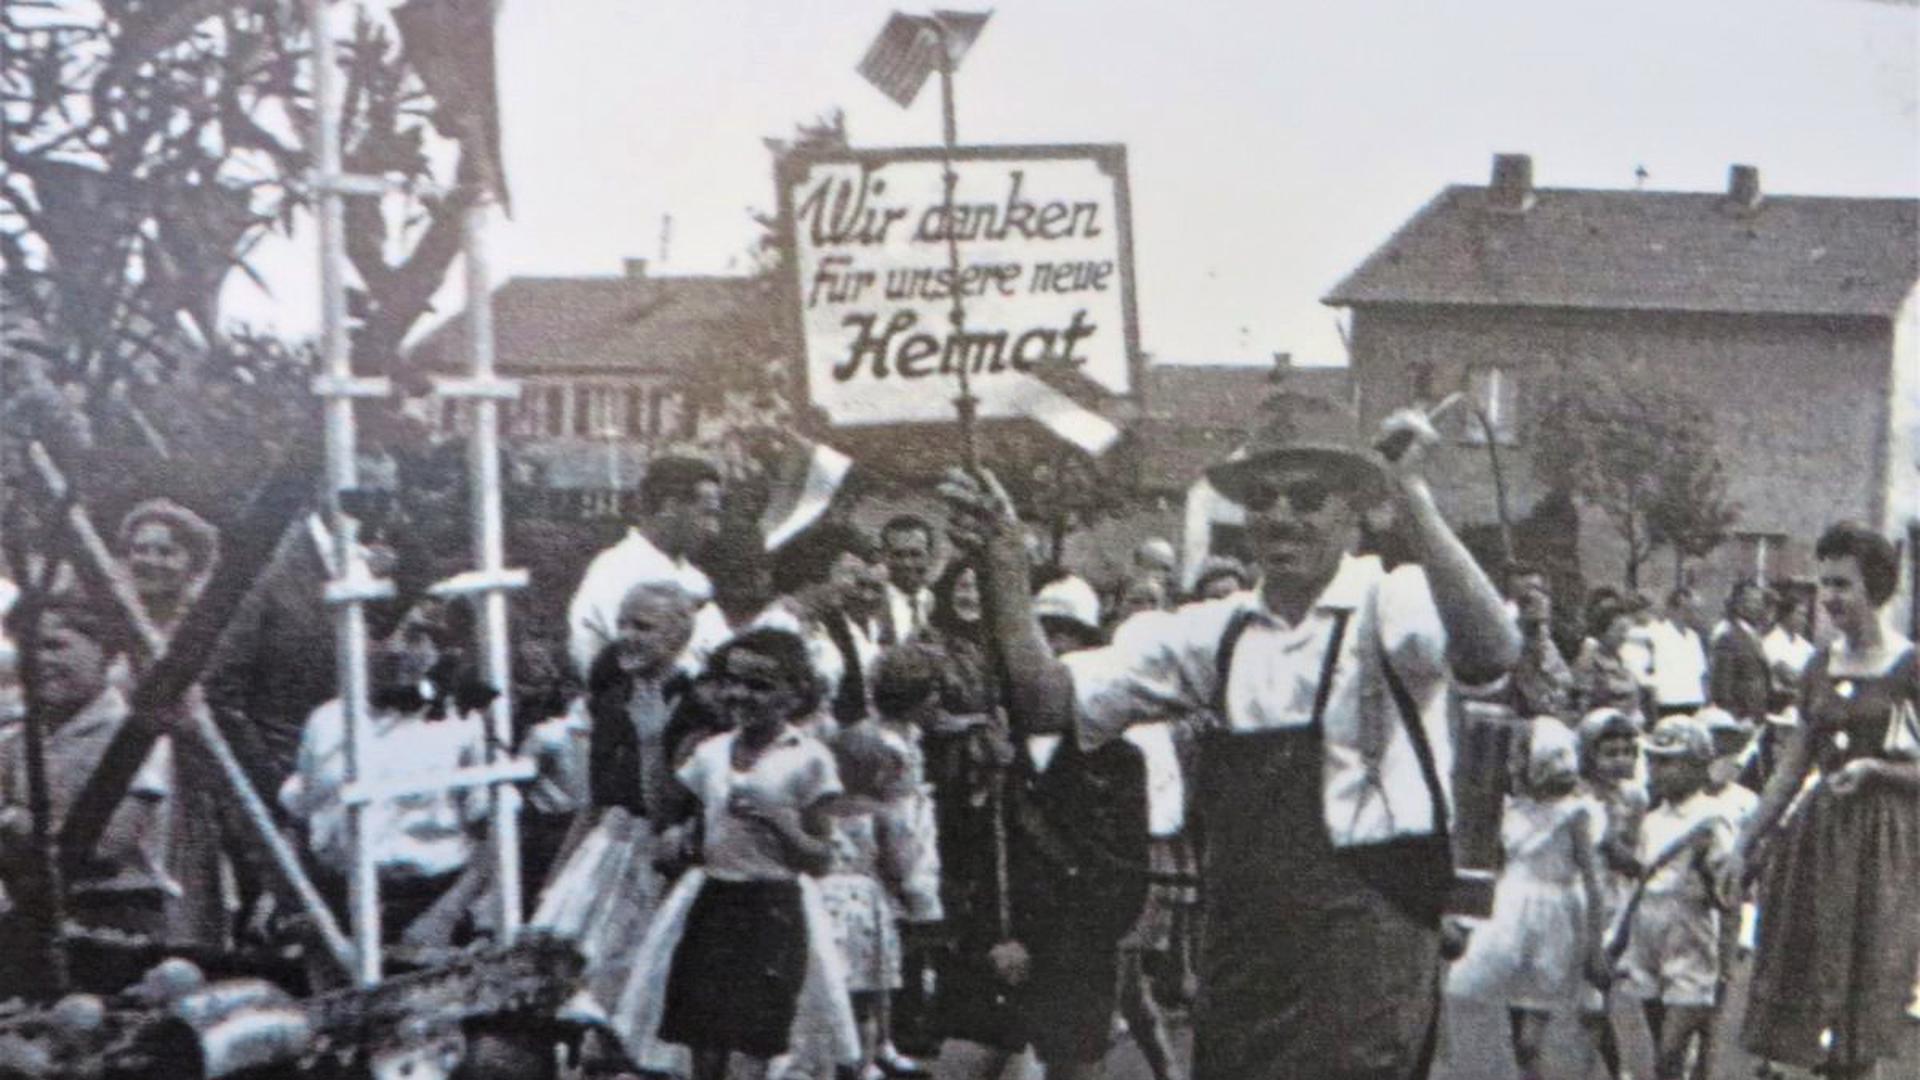 """""""Wir danken für unsere neue Heimat"""": Heimatvertriebene bei einer Veranstaltung in Karlsruhe."""